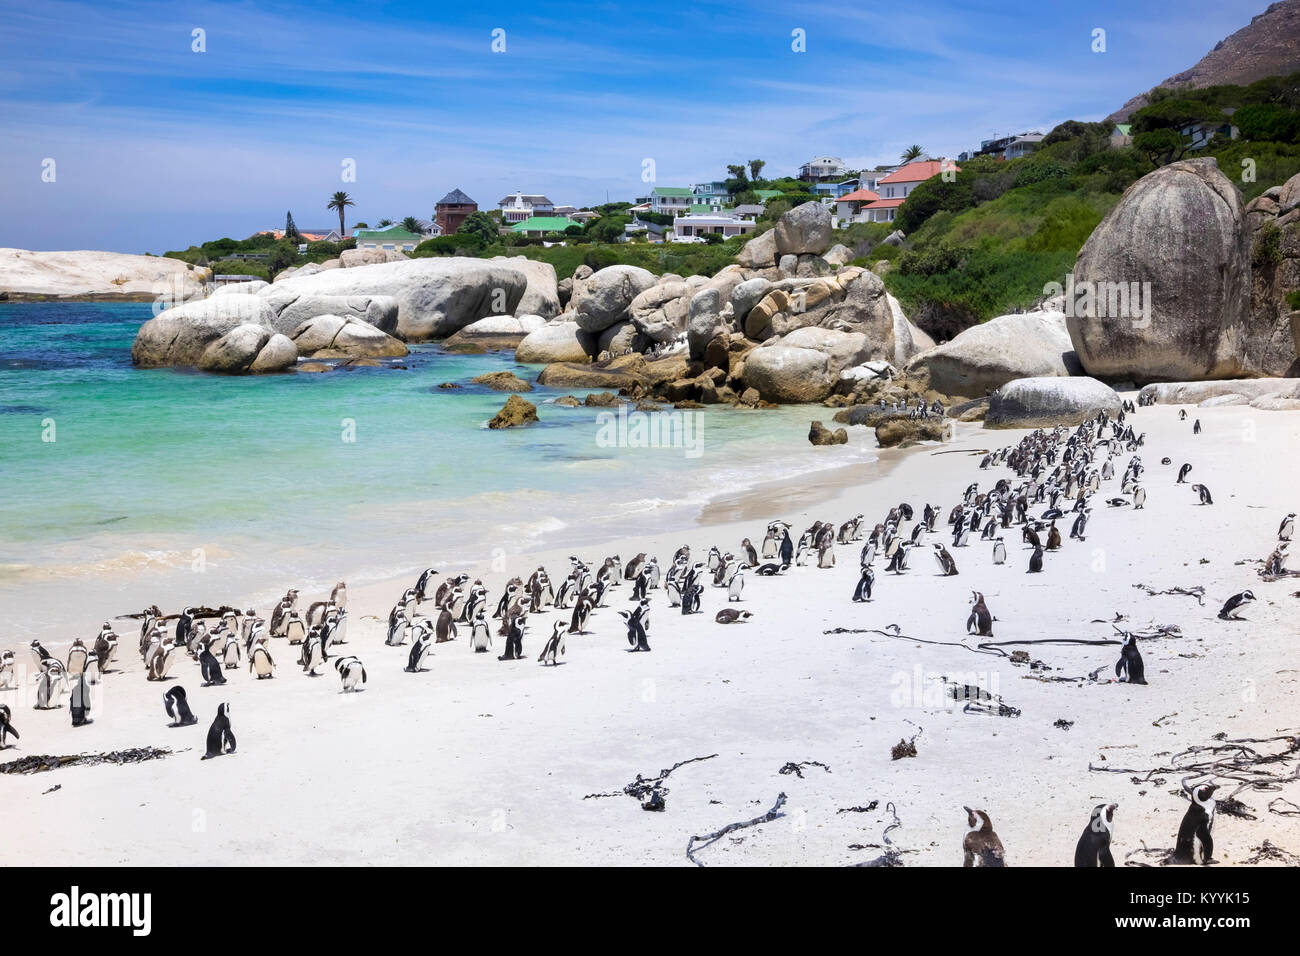 Massi Bay colonia di pinguini di African Jackass pinguini a Boulders Beach, Provincia del Capo, in Sud Africa Foto Stock